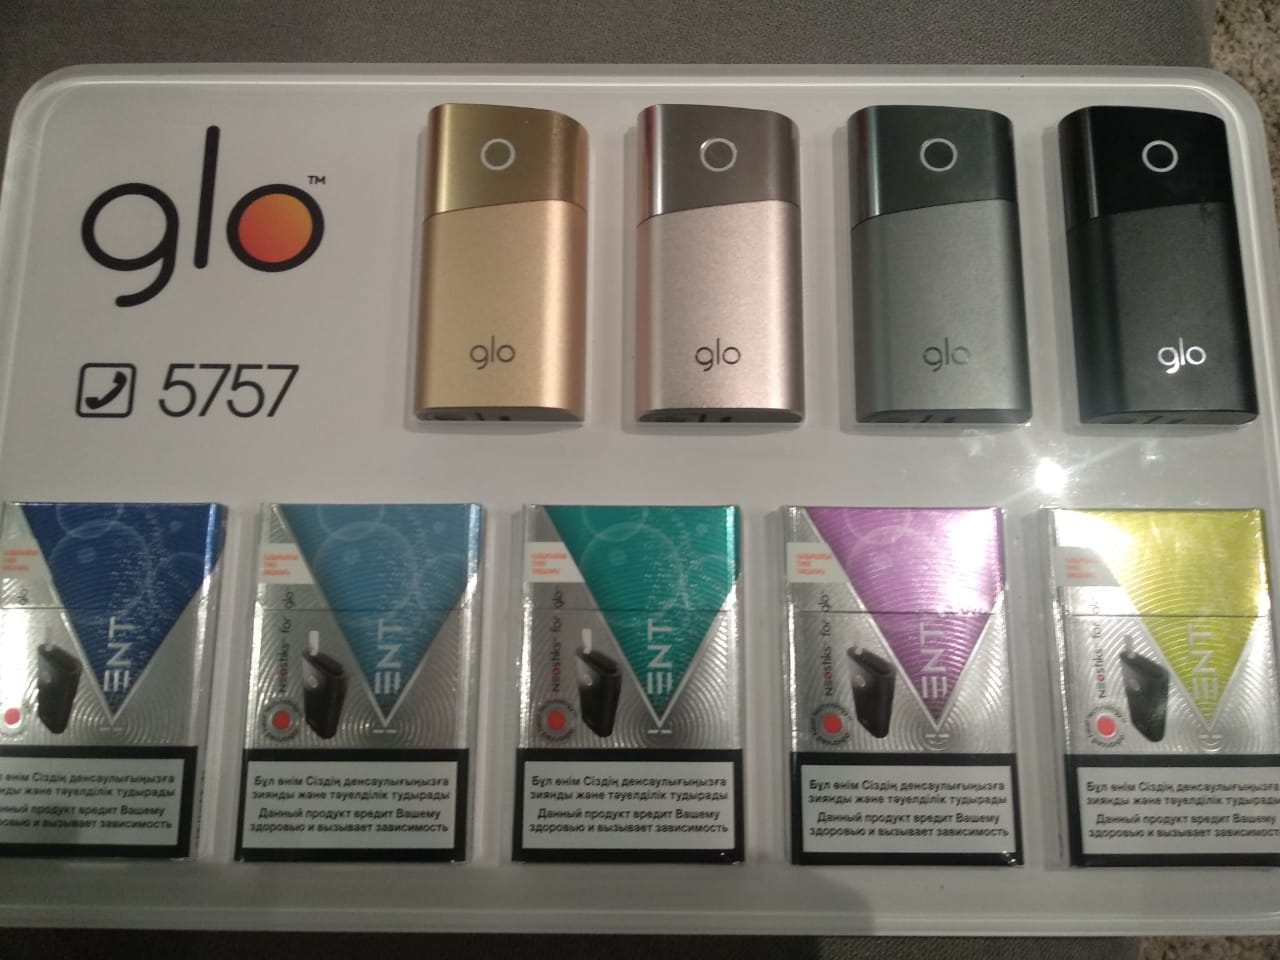 Glo электронные сигареты купить в алматы сигареты милано купить в санкт петербурге